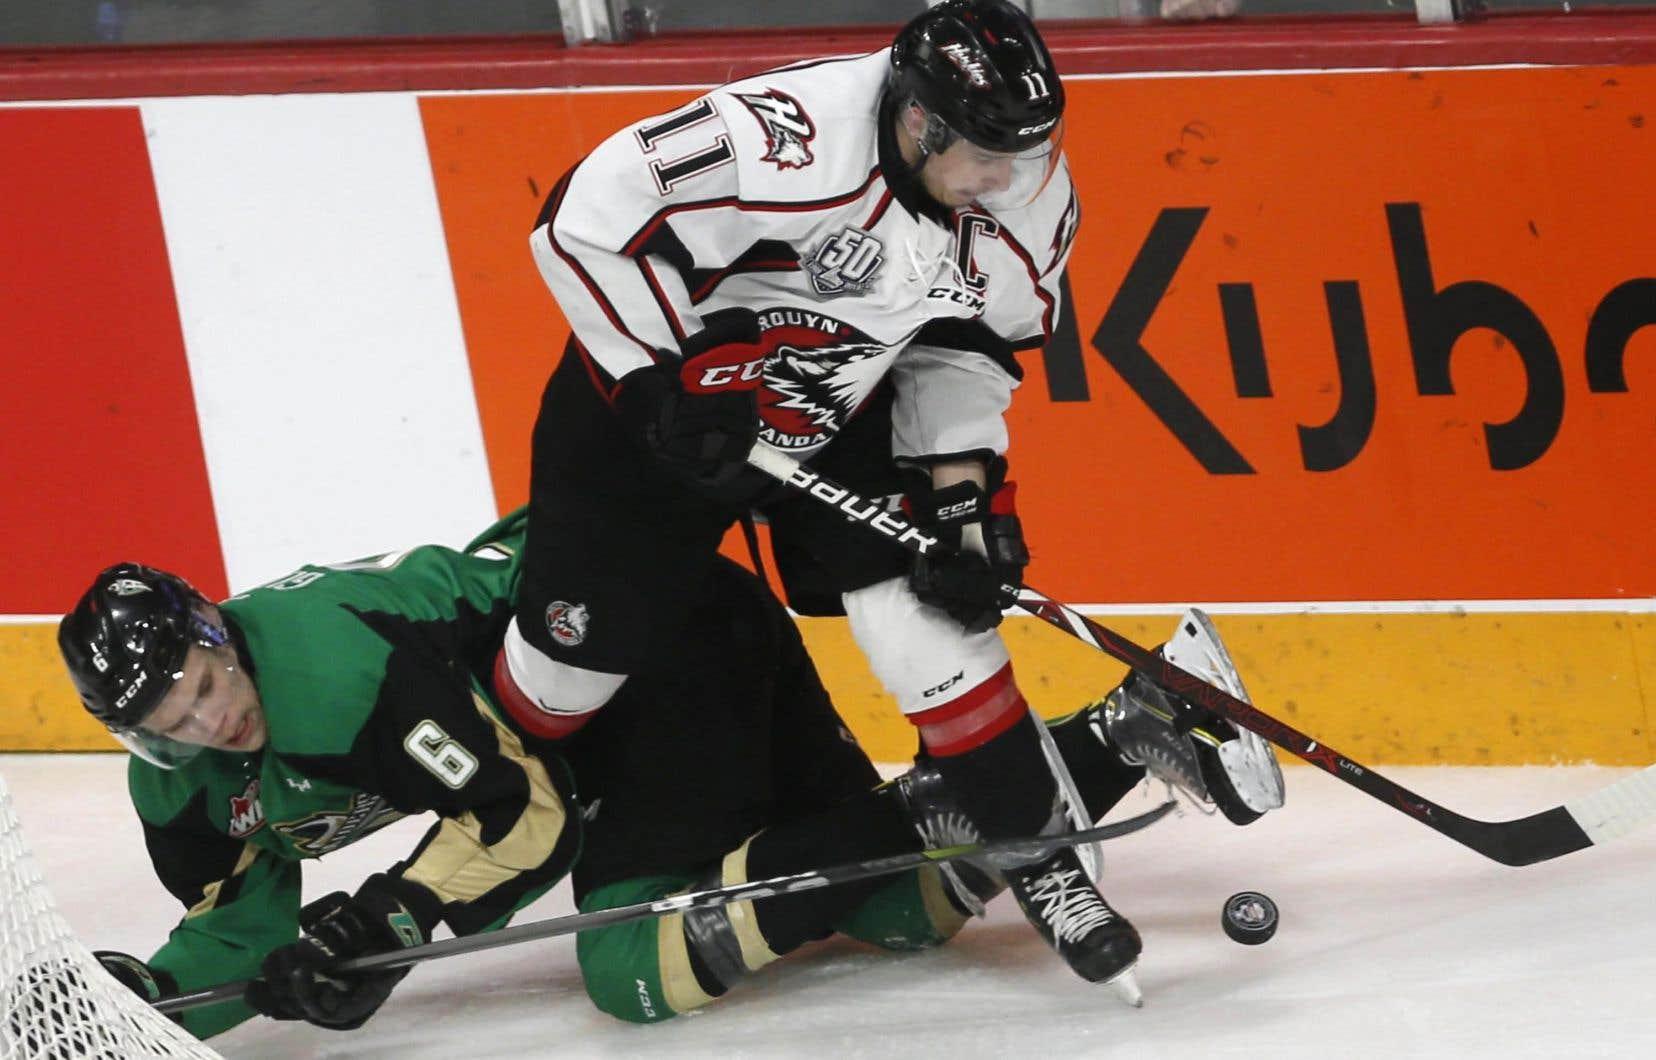 Rafaël Harvey-Pinard a guidé les Huskies de Rouyn-Noranda vers une saison record de 59-8-1, puis des triomphes en finale de la Coupe du président et de la coupe Memorial.